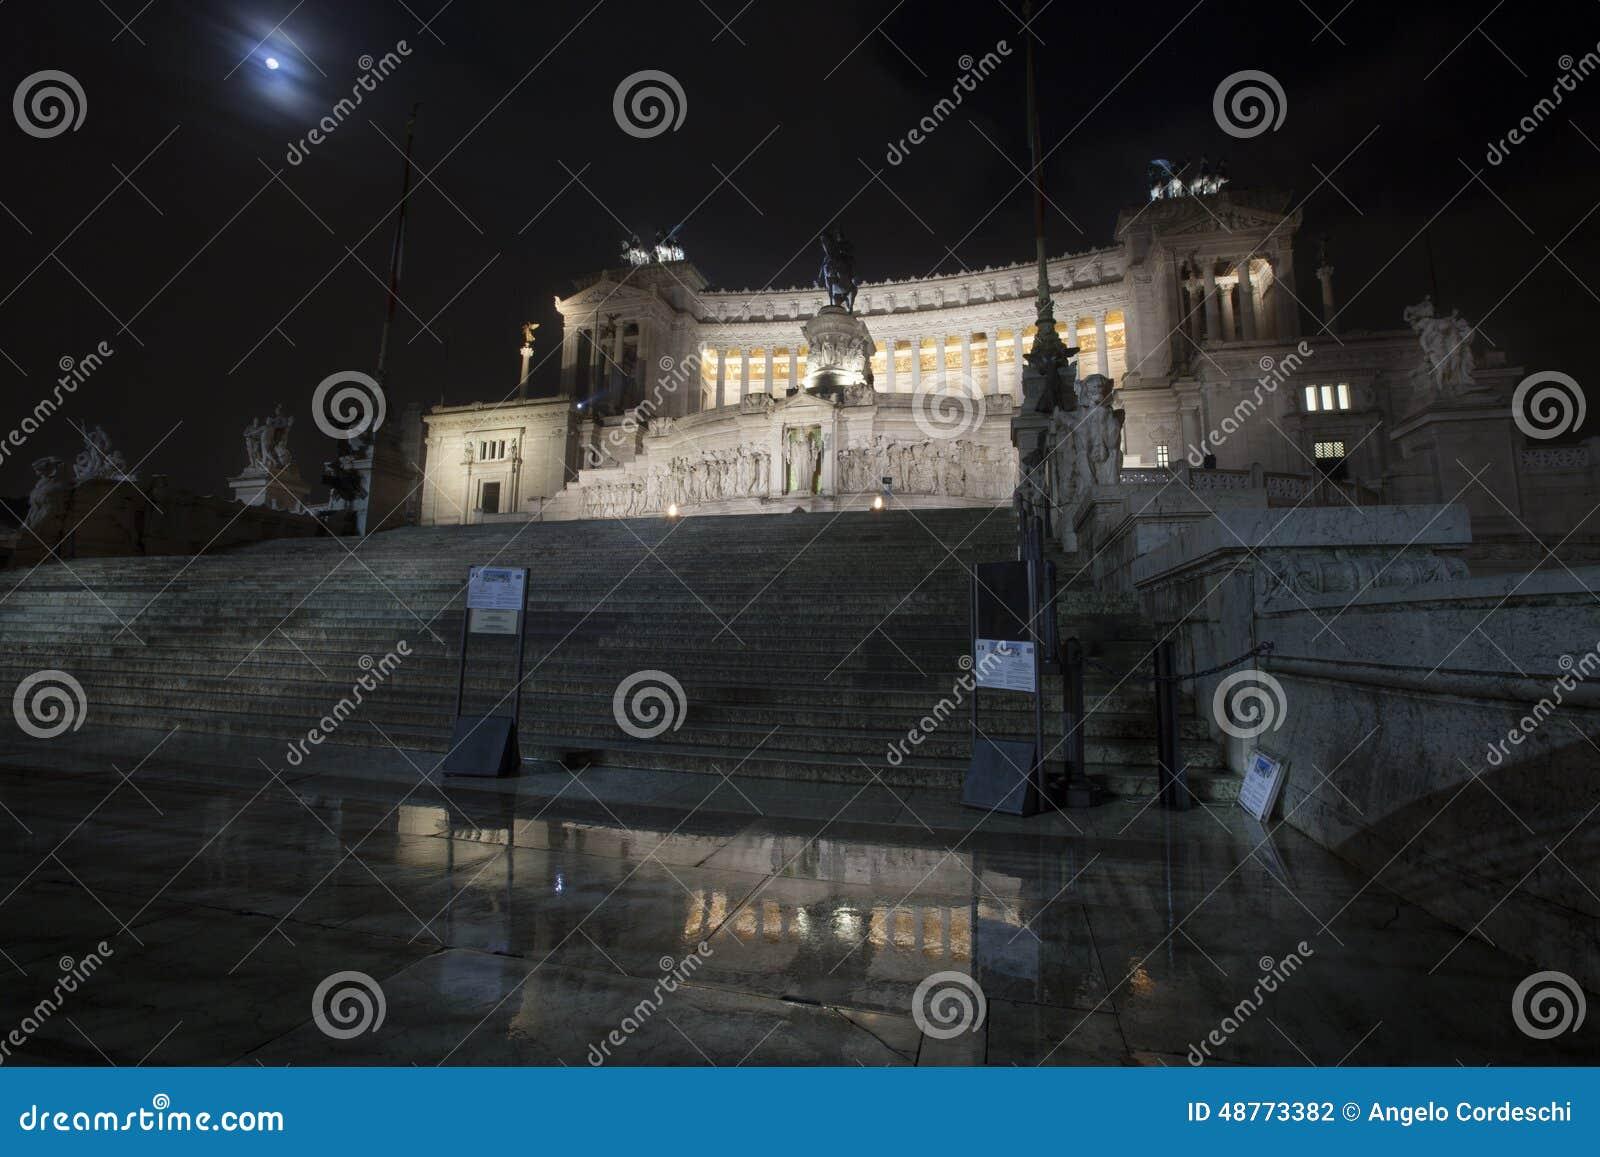 Altare della notte del tempio di patria (piazza Venezia - Roma)